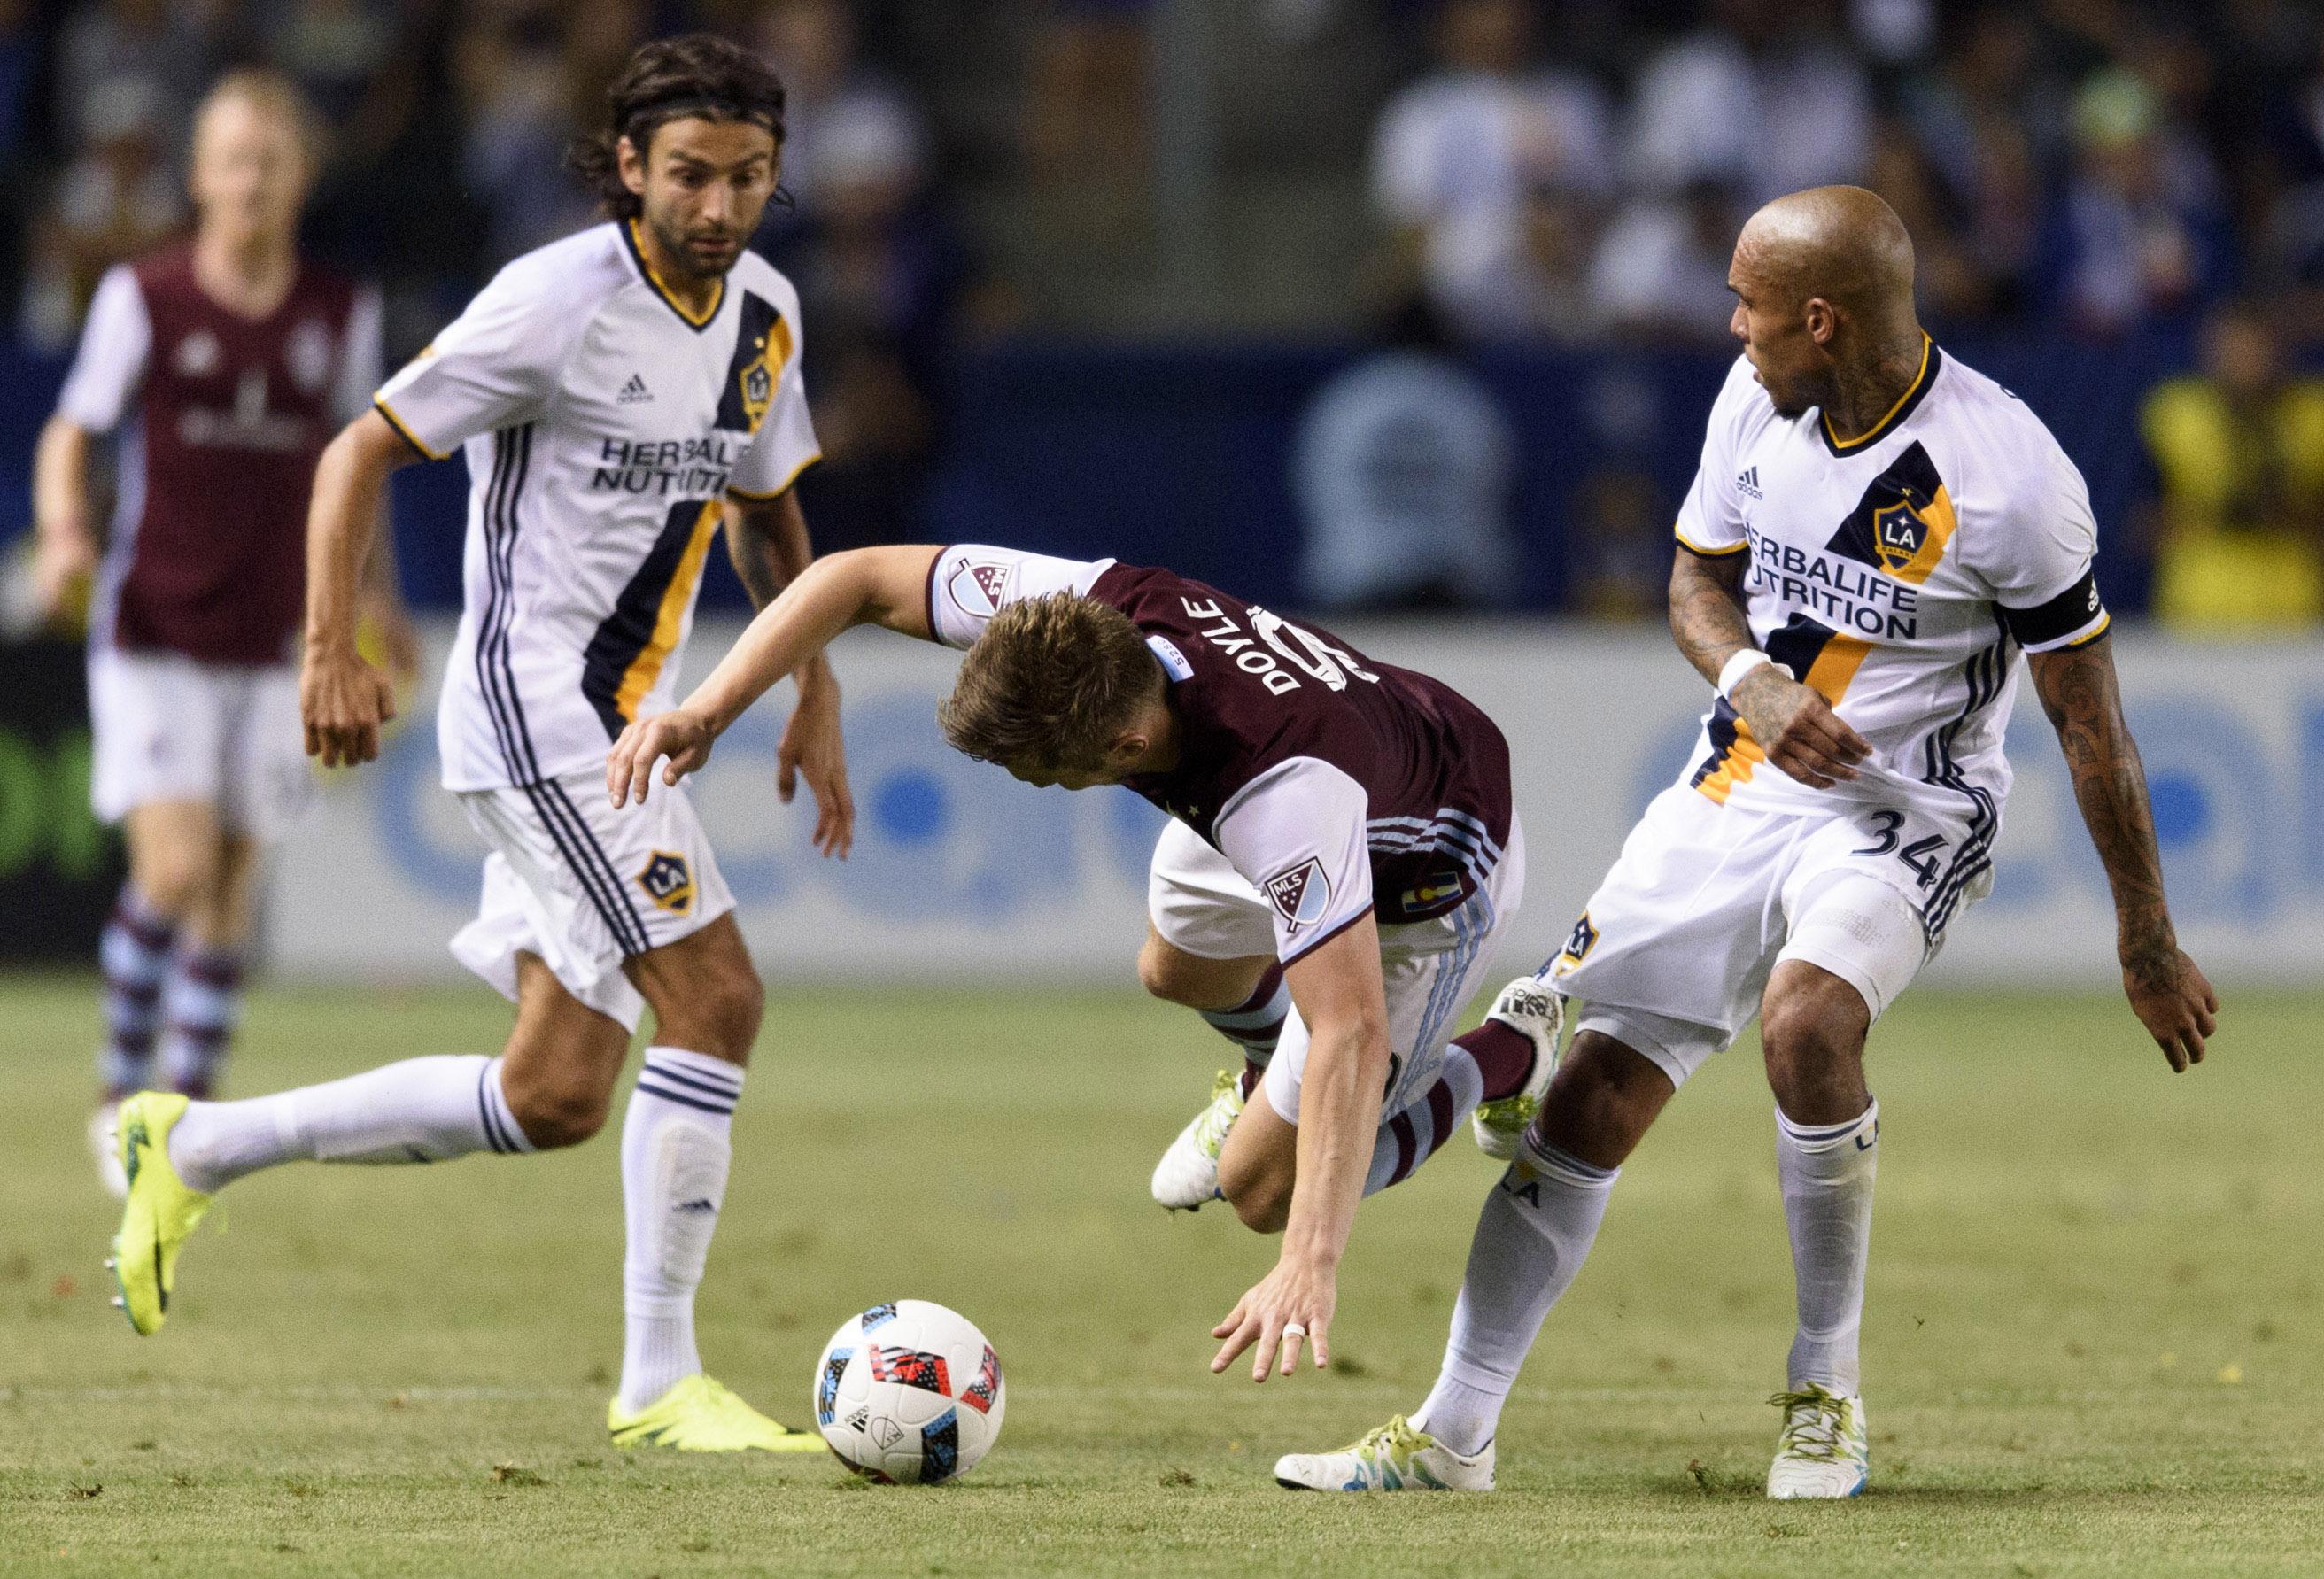 Doyle fighting DeYoung and Husidic for the ball.